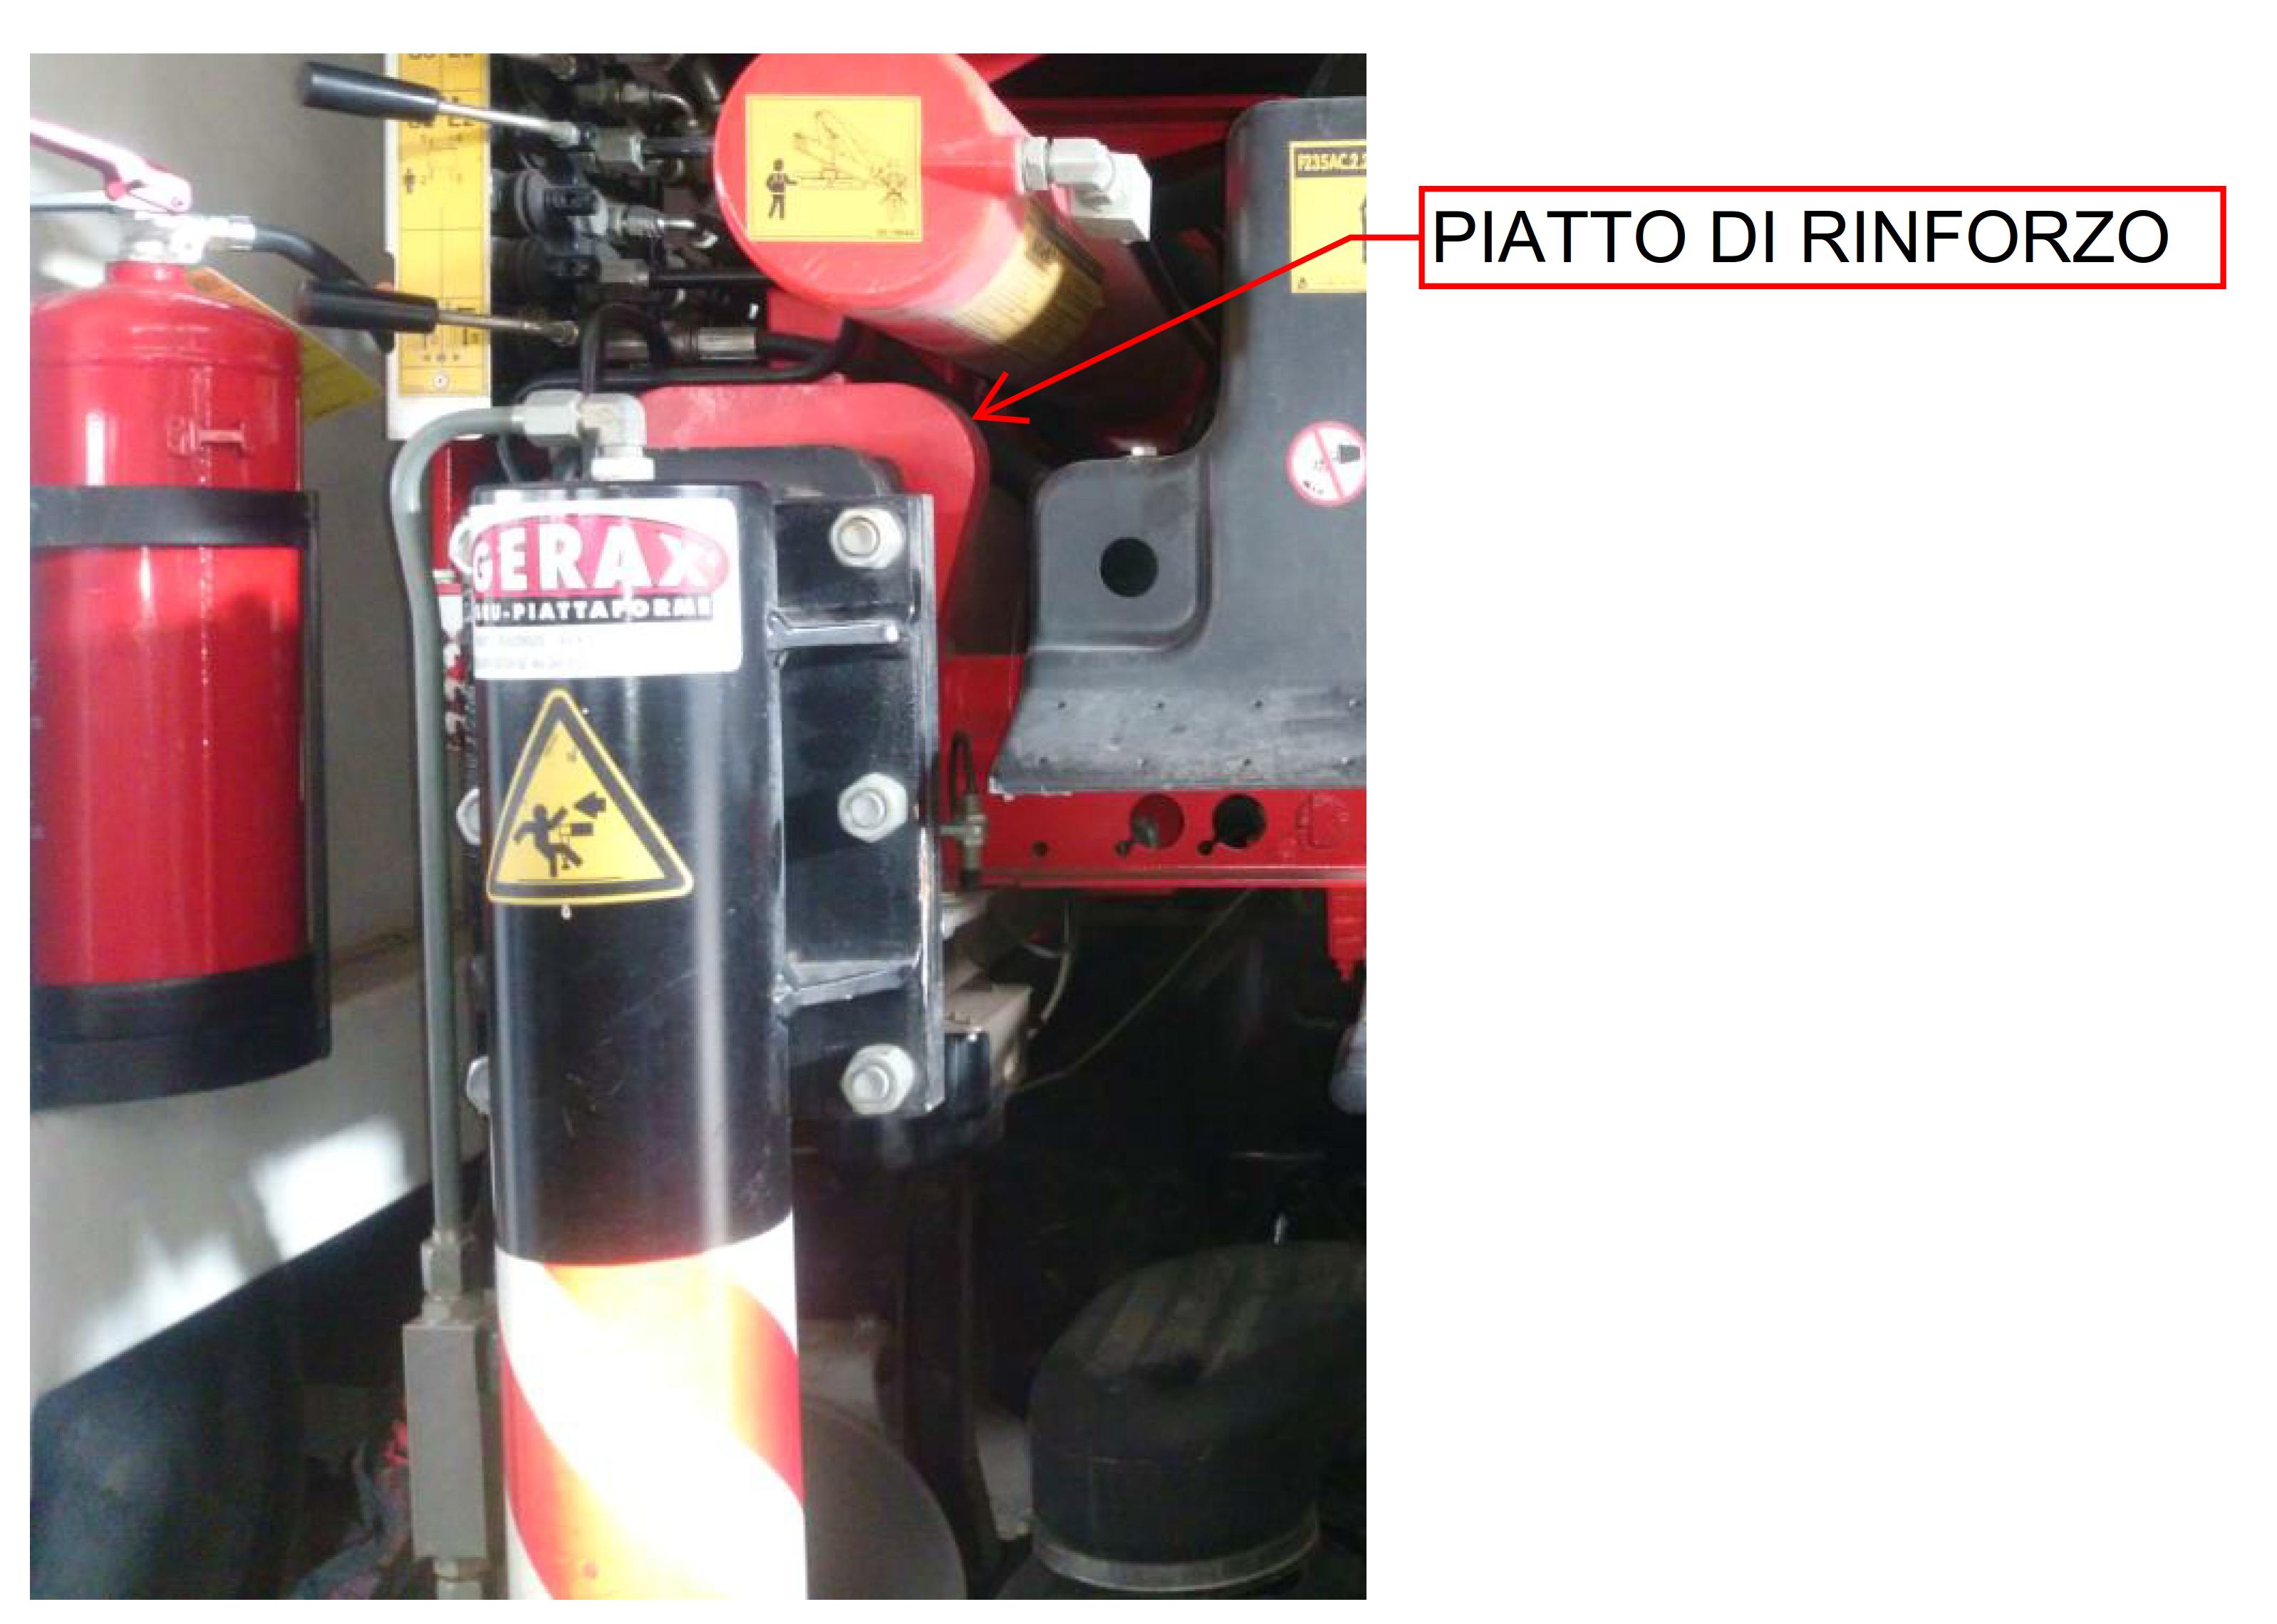 RINFORZO-verifica periodica delle gru su autocarro